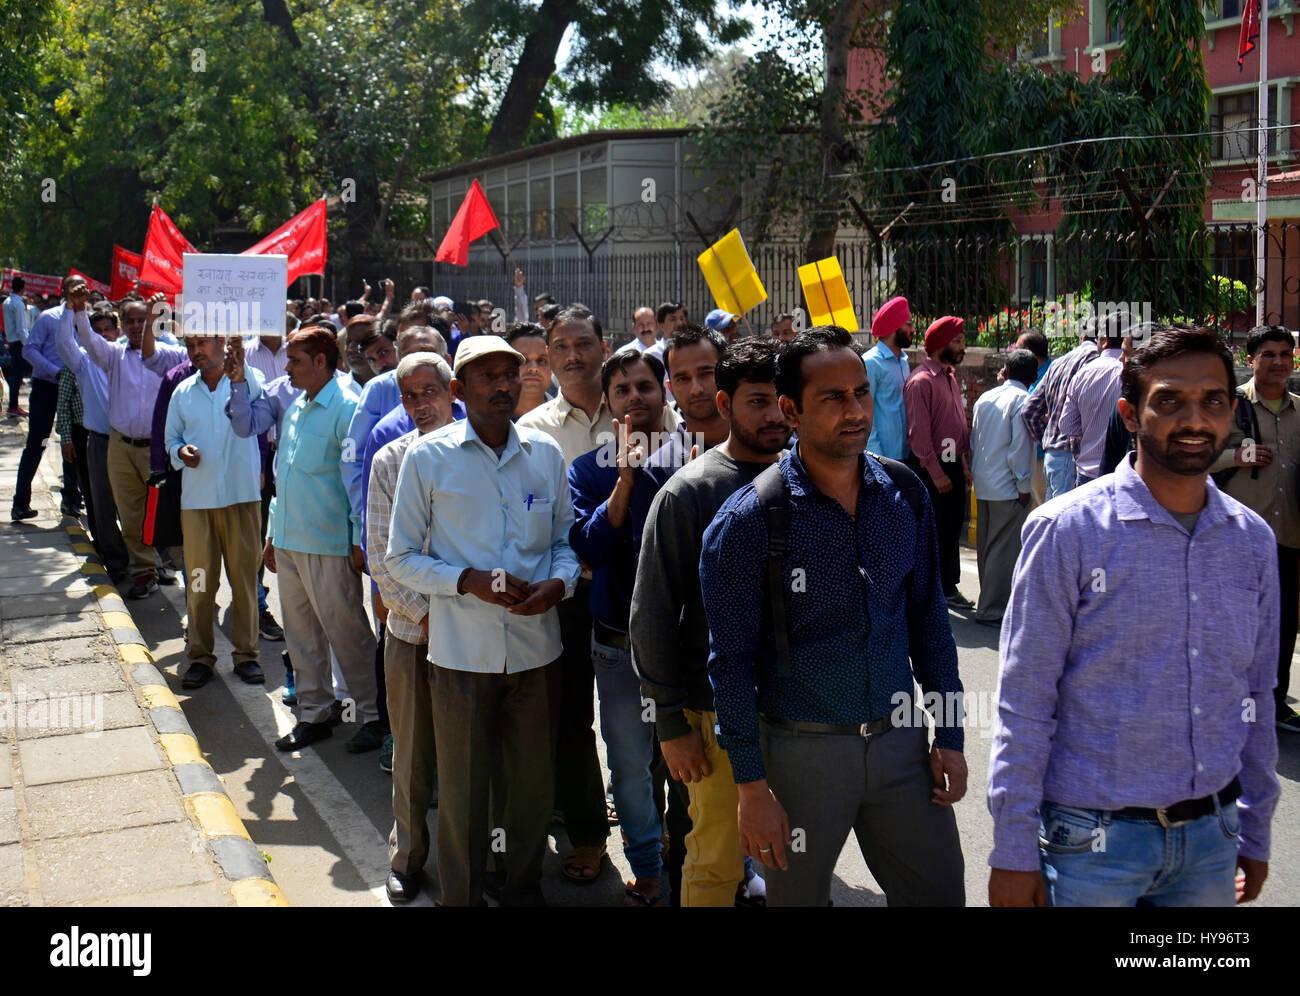 DUCKU Dharna on Jantar Mantar - Stock Image